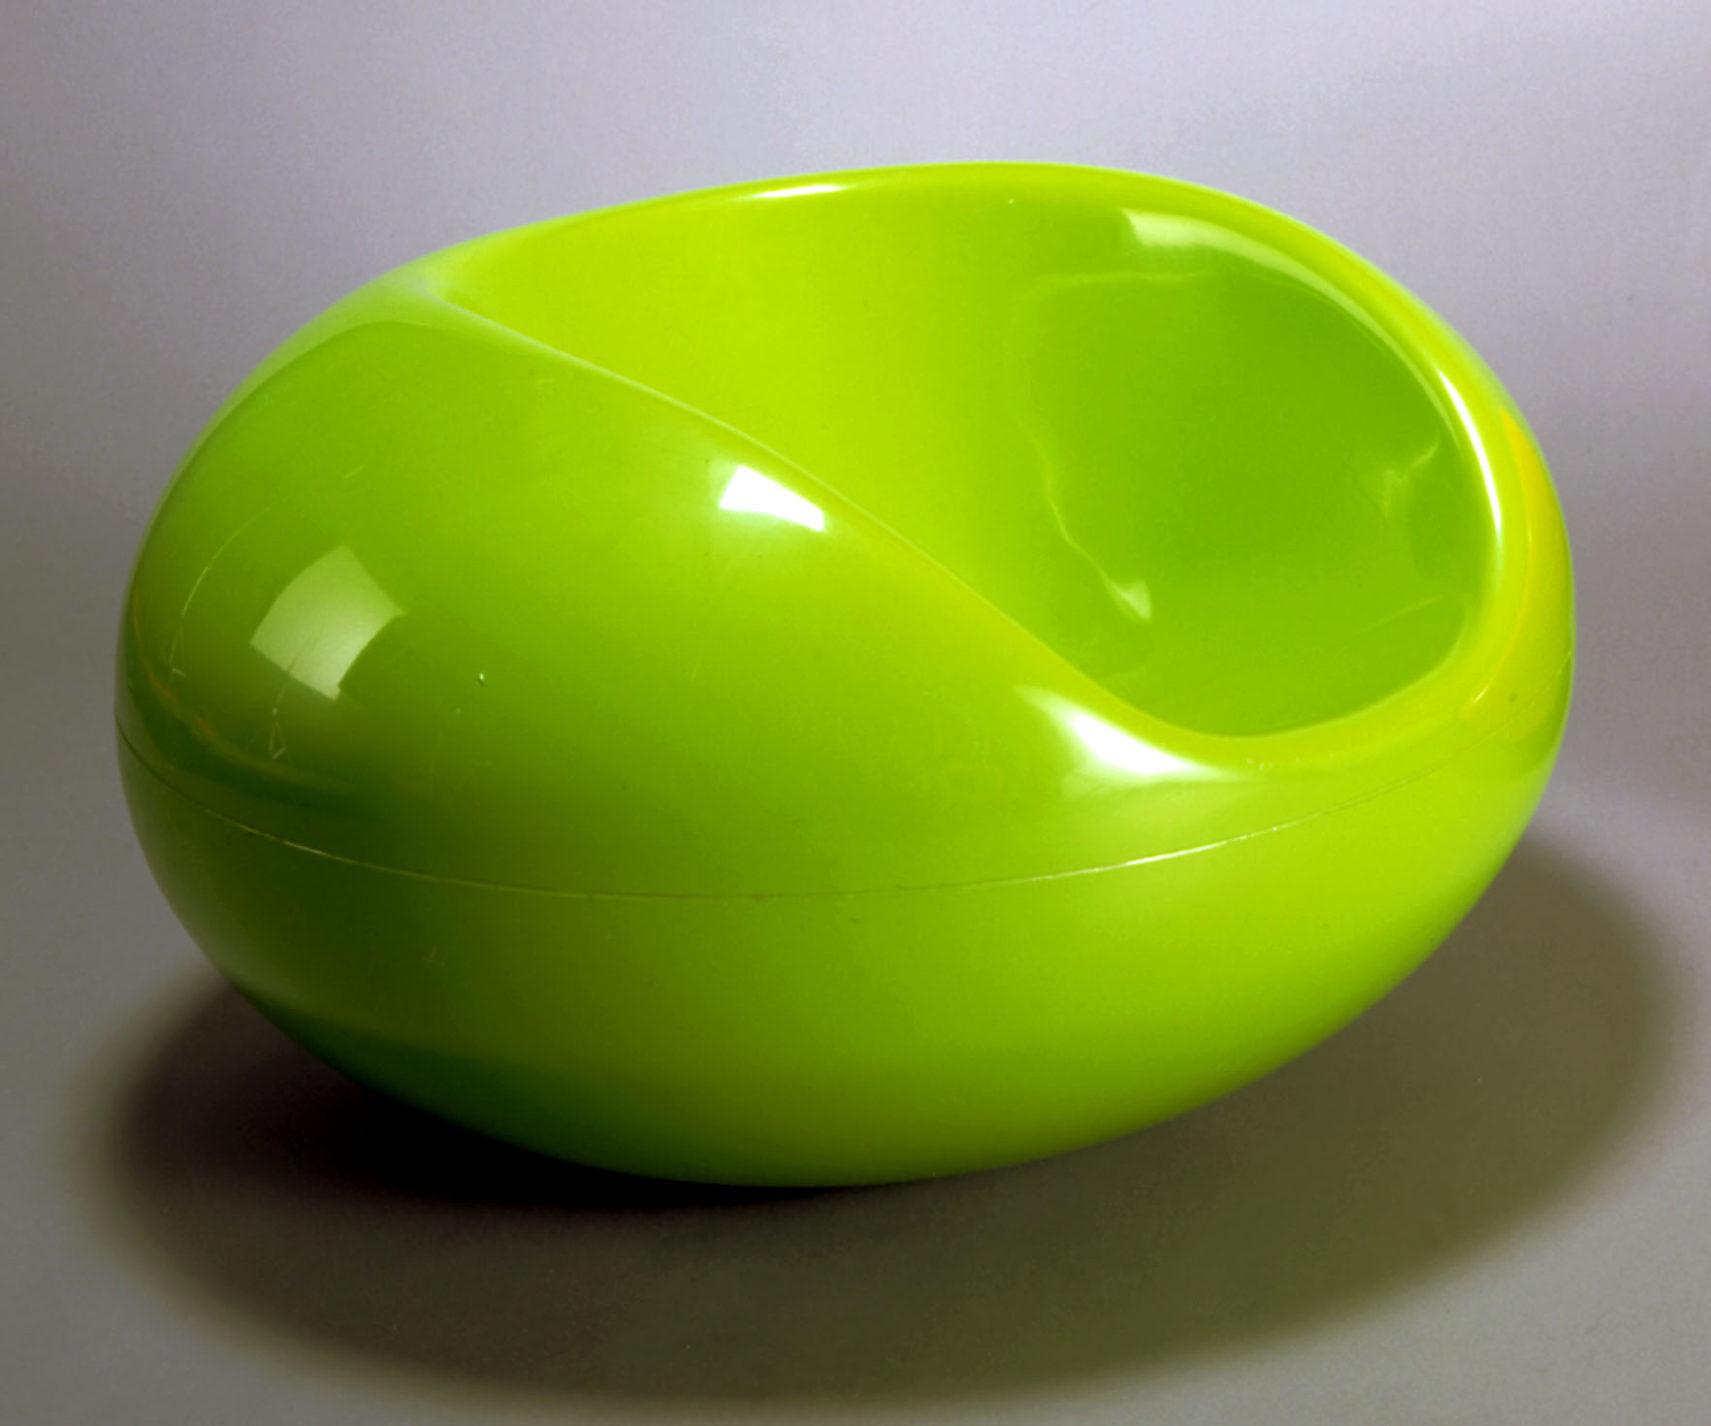 Chaise ovoïde de plastique vert à large renfoncement servant d'assise et de dossier.